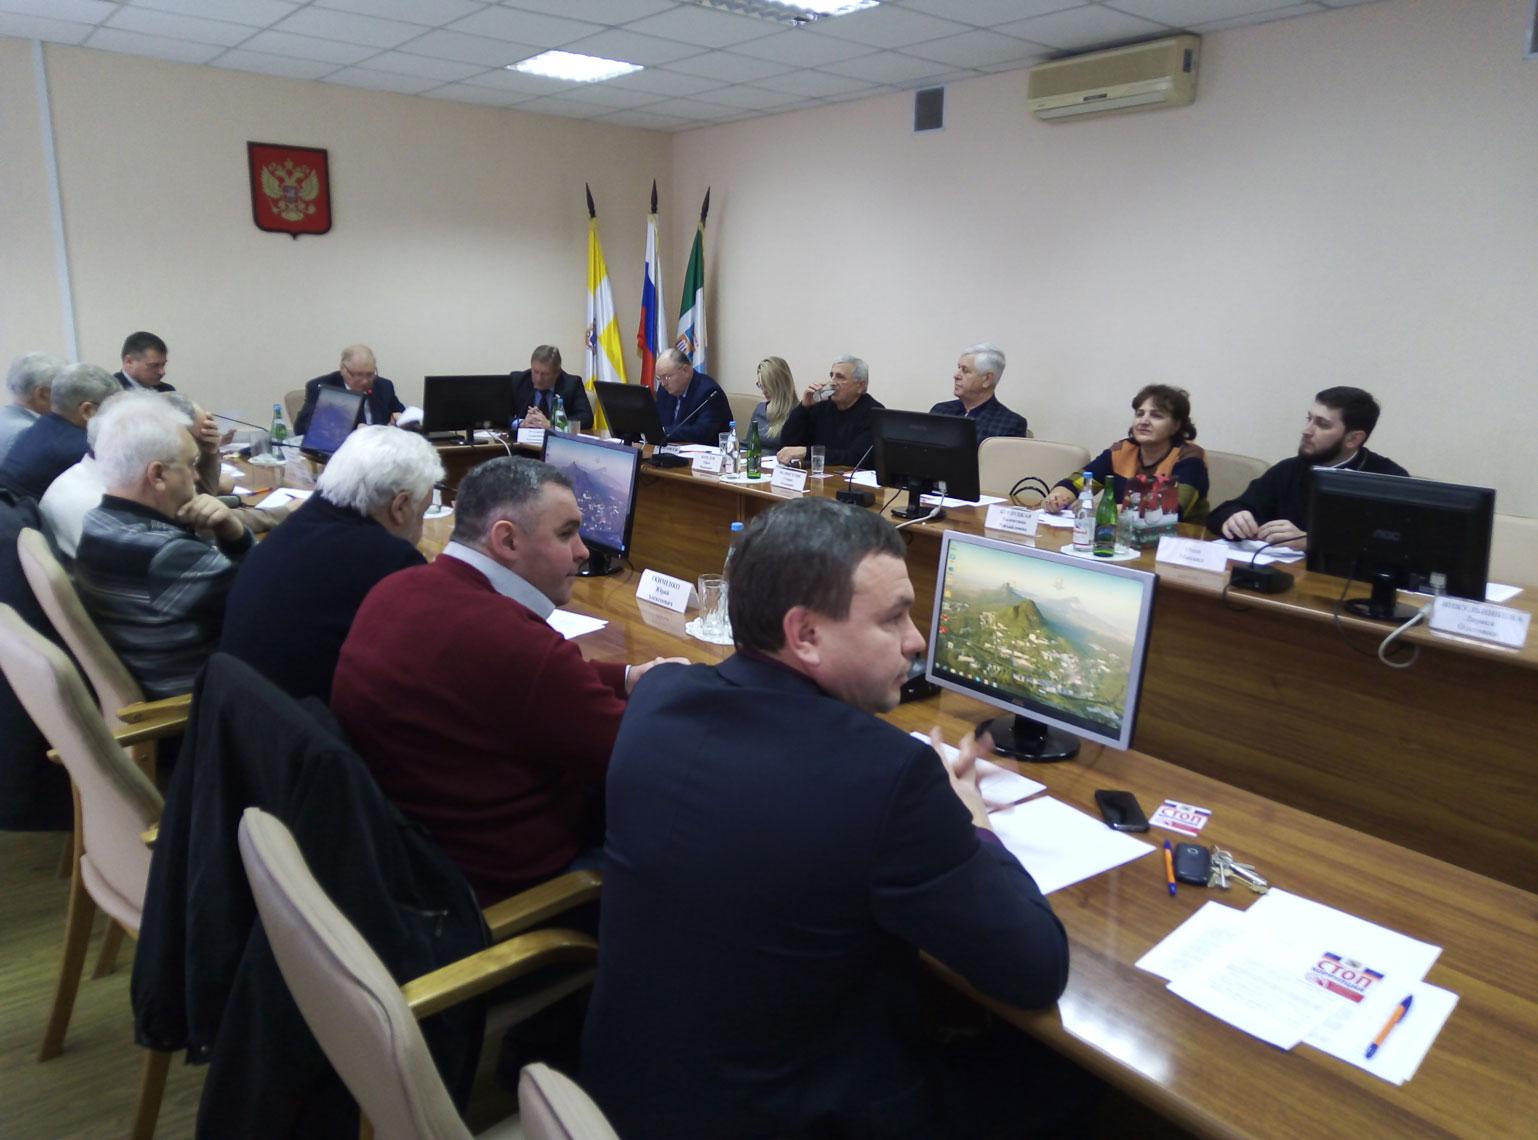 Общественный совет Железноводска:  антикоррупционная работа администрации города, молодежная политика, план работы на год вперед и другое